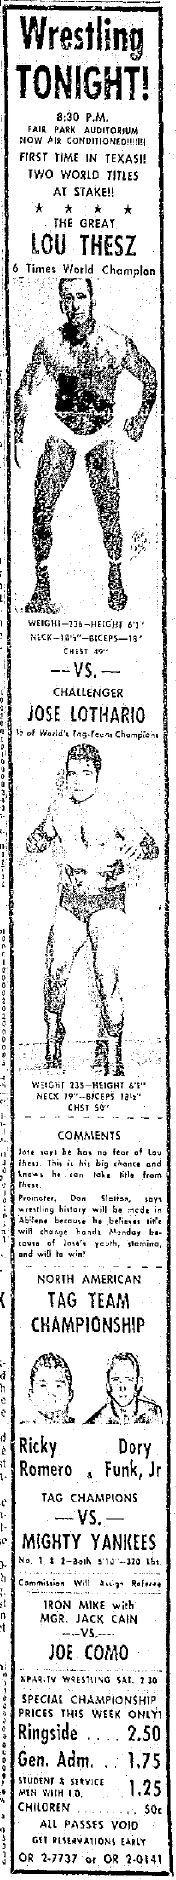 19650816.jpg